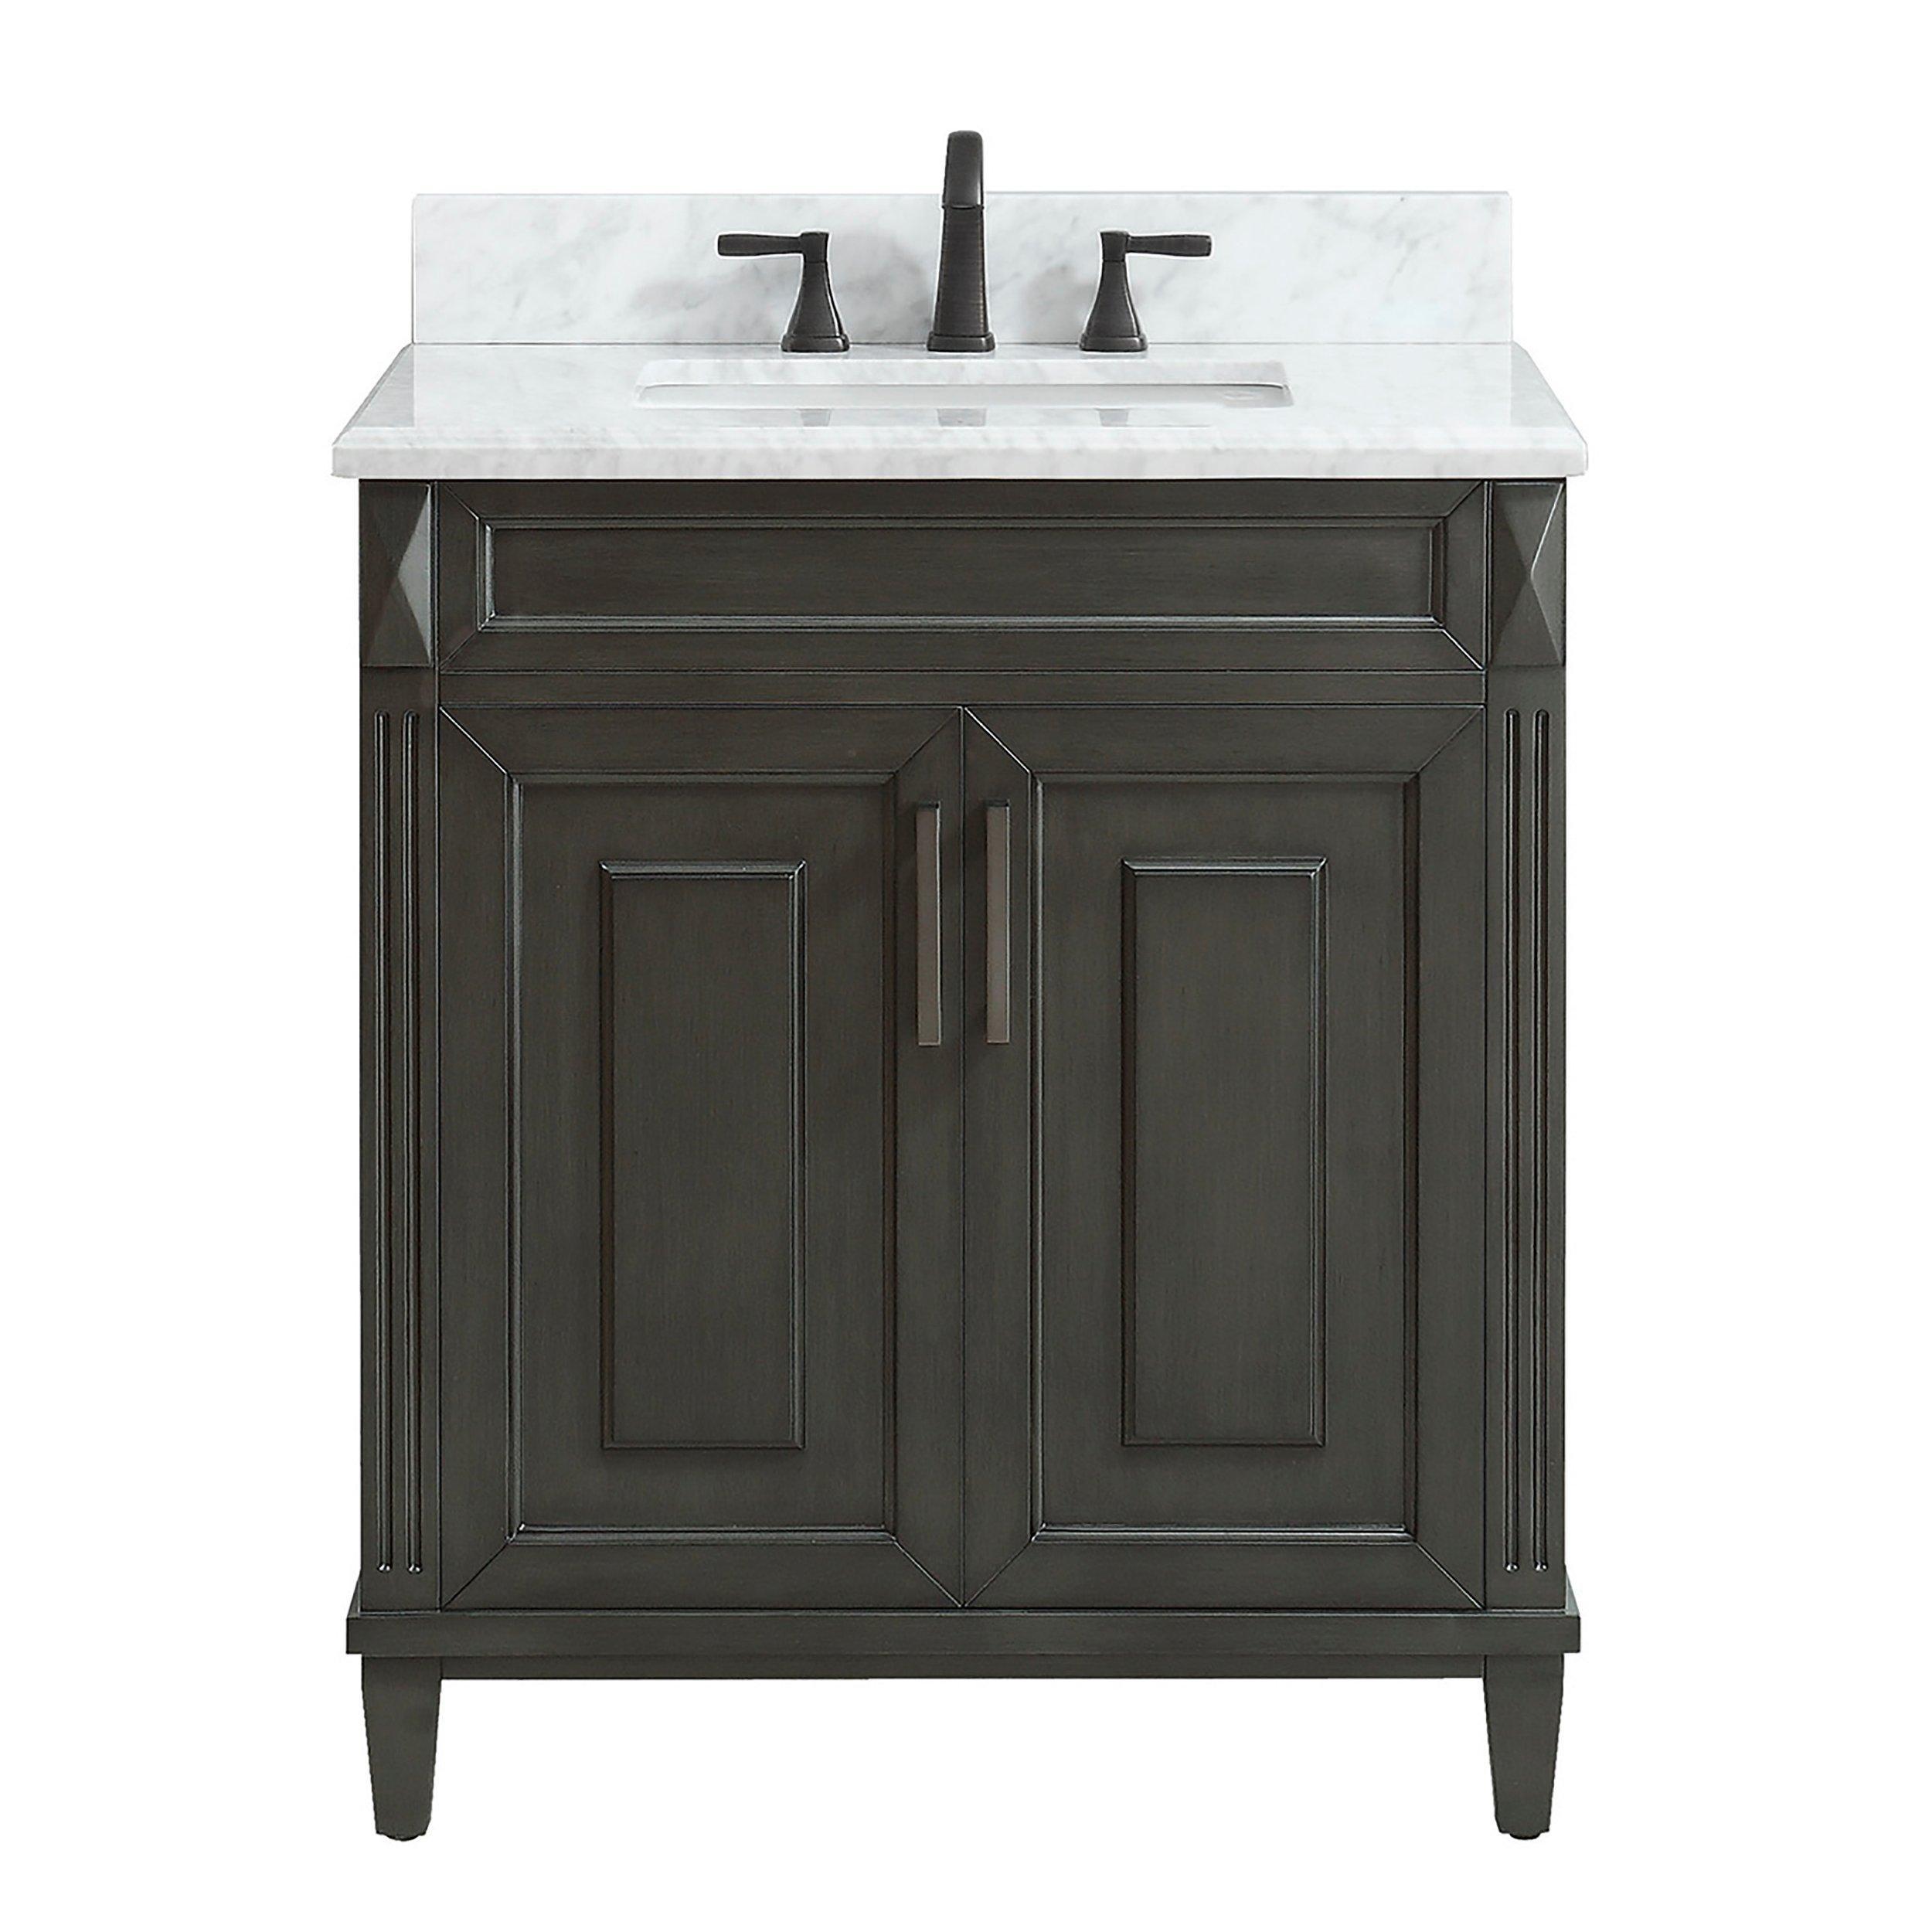 Sterling 31 In Vanity With Carrara Marble Top In 2020 Vanity Modern Bathrooms Interior Floor Decor